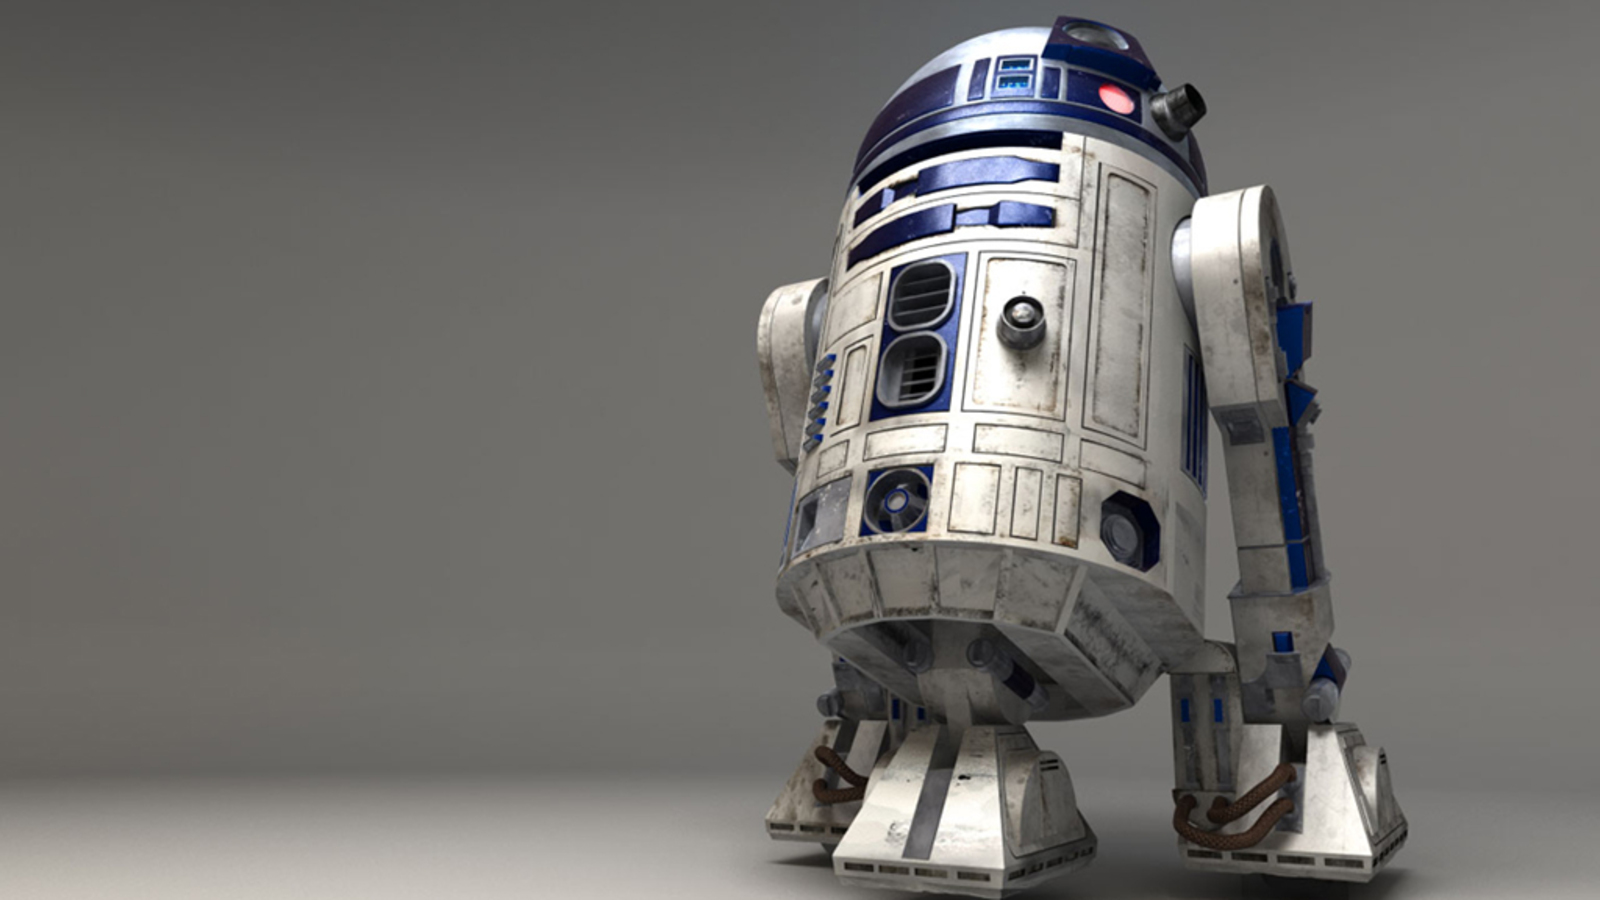 43 Star Wars Hd Wallpaper 1600x900 On Wallpapersafari